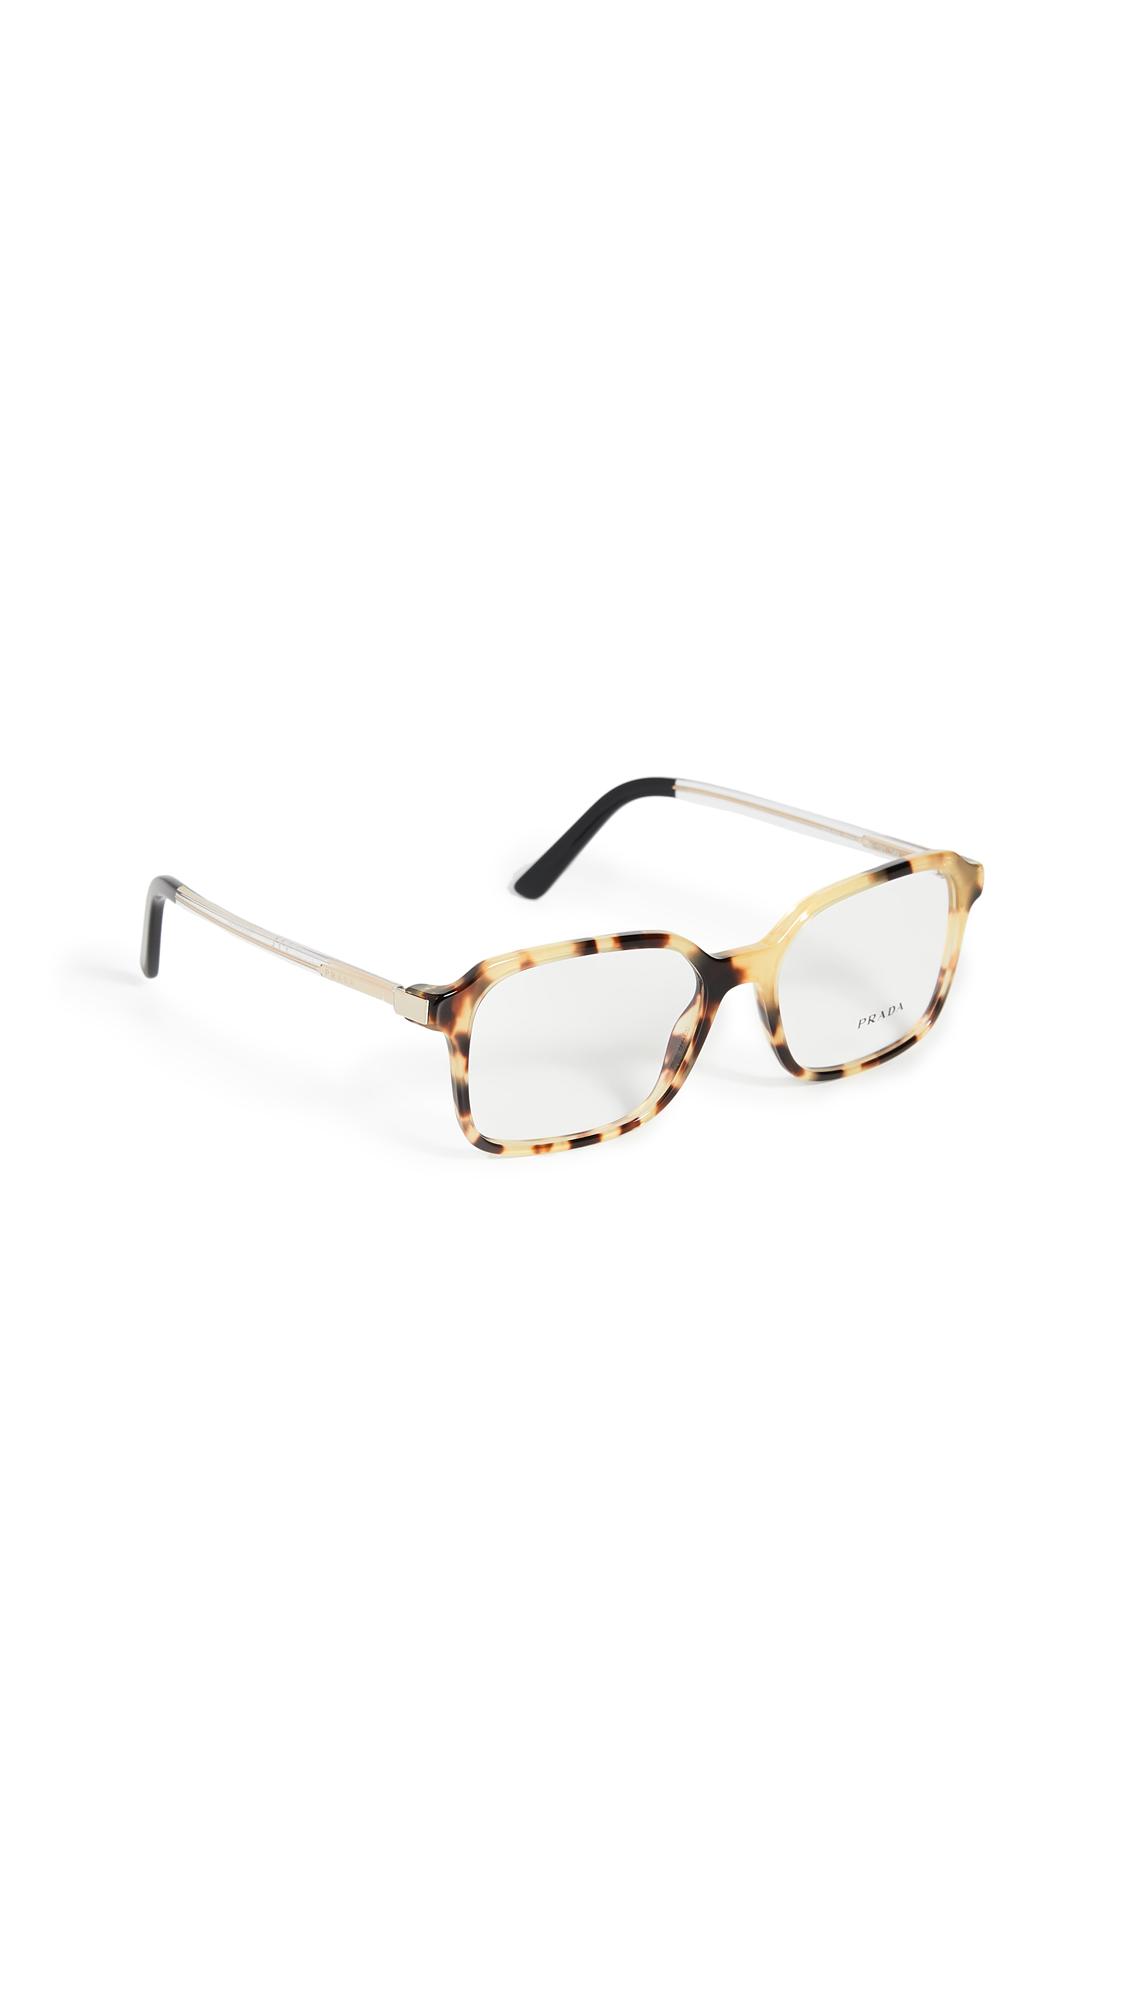 d3cc164018f3 Prada Classic Square Glasses In Medium Havana | ModeSens